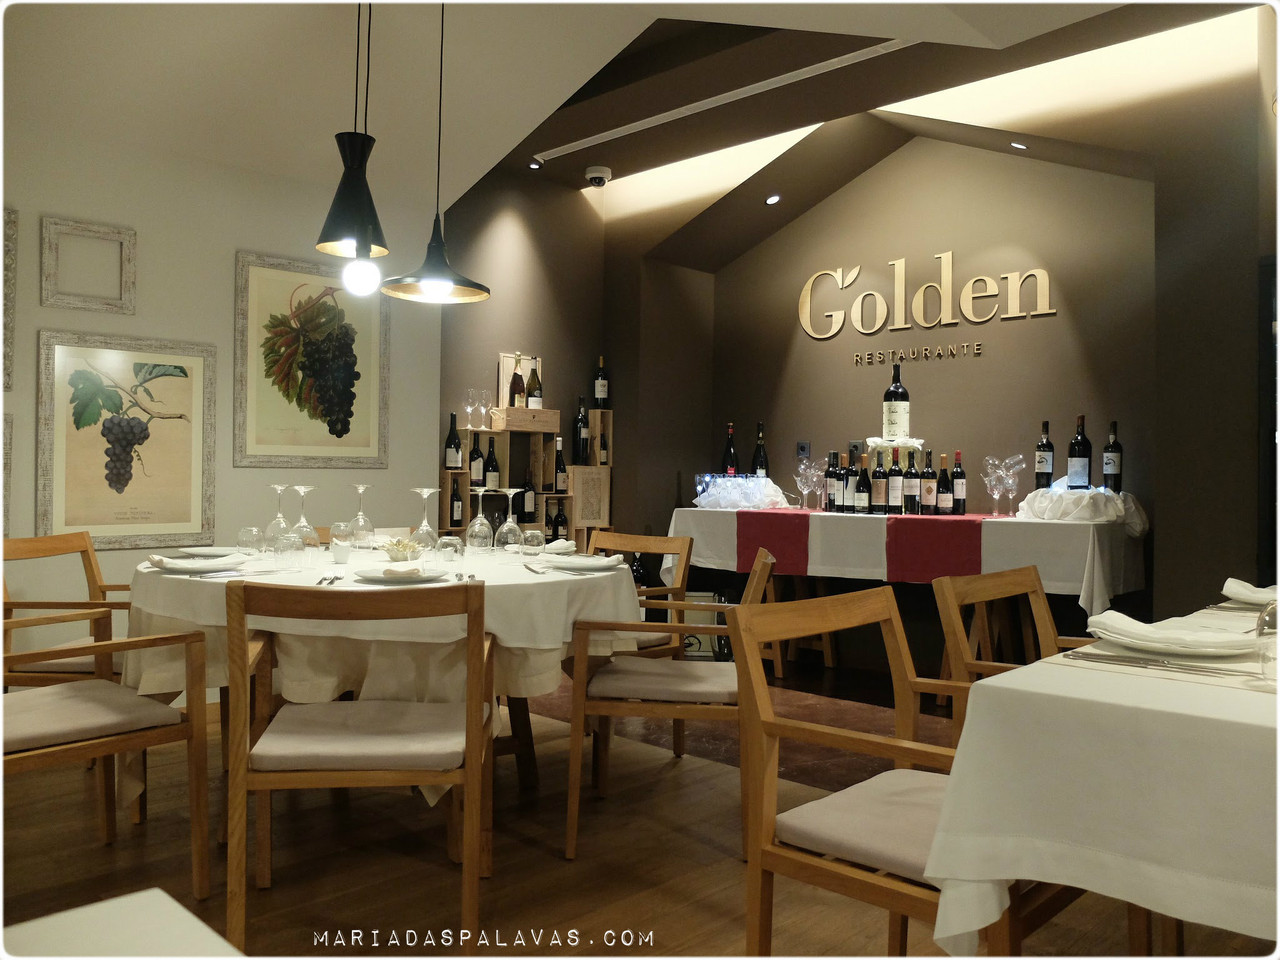 Golden Restaurante - Hotel Vale d'Azenha | Alcobaça com Odisseias